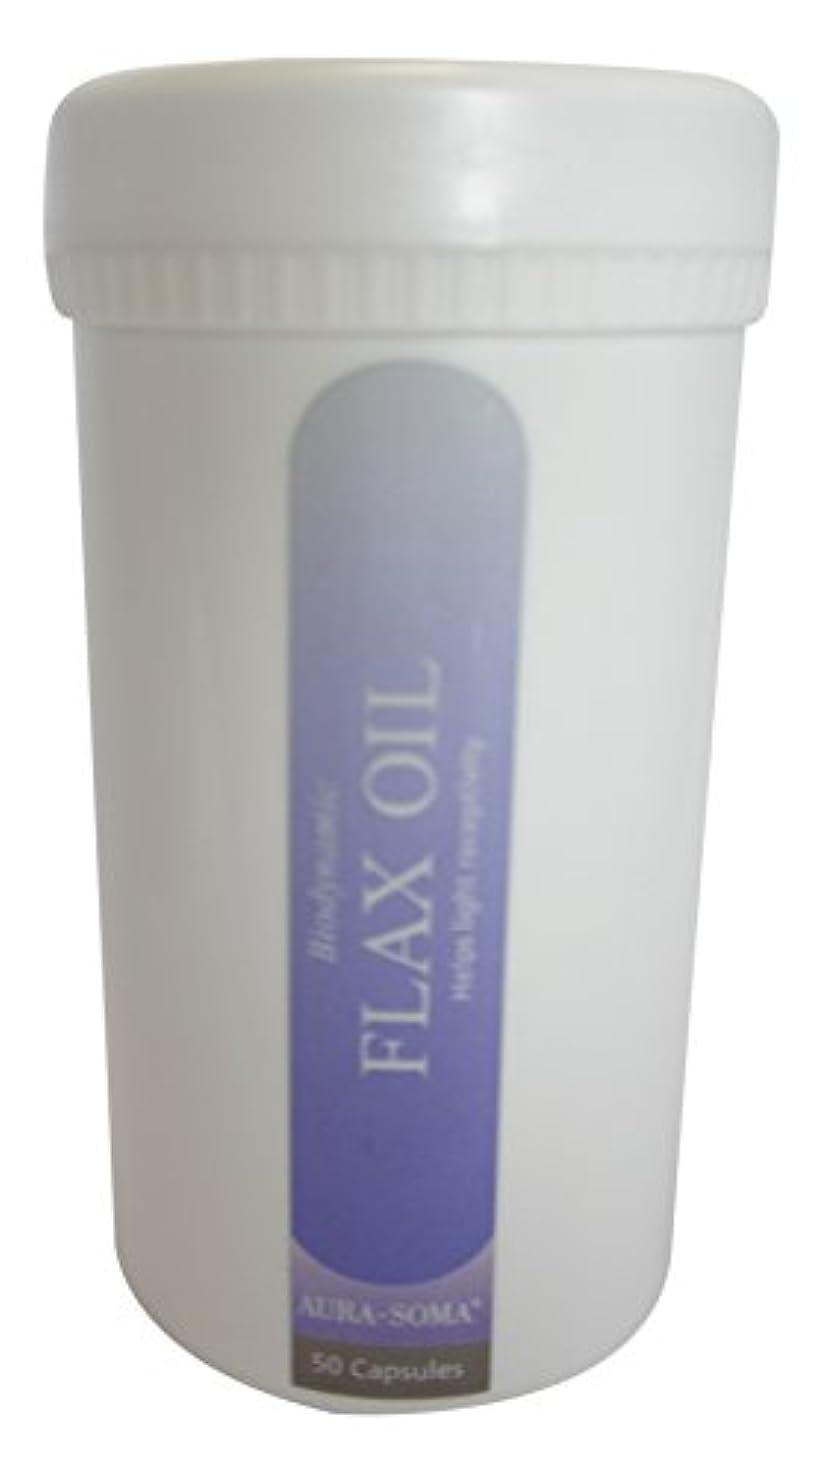 勝利用心する人形SFLXフラクスオイル FlaxSeedOil アマニ油栄養補助食品 100g